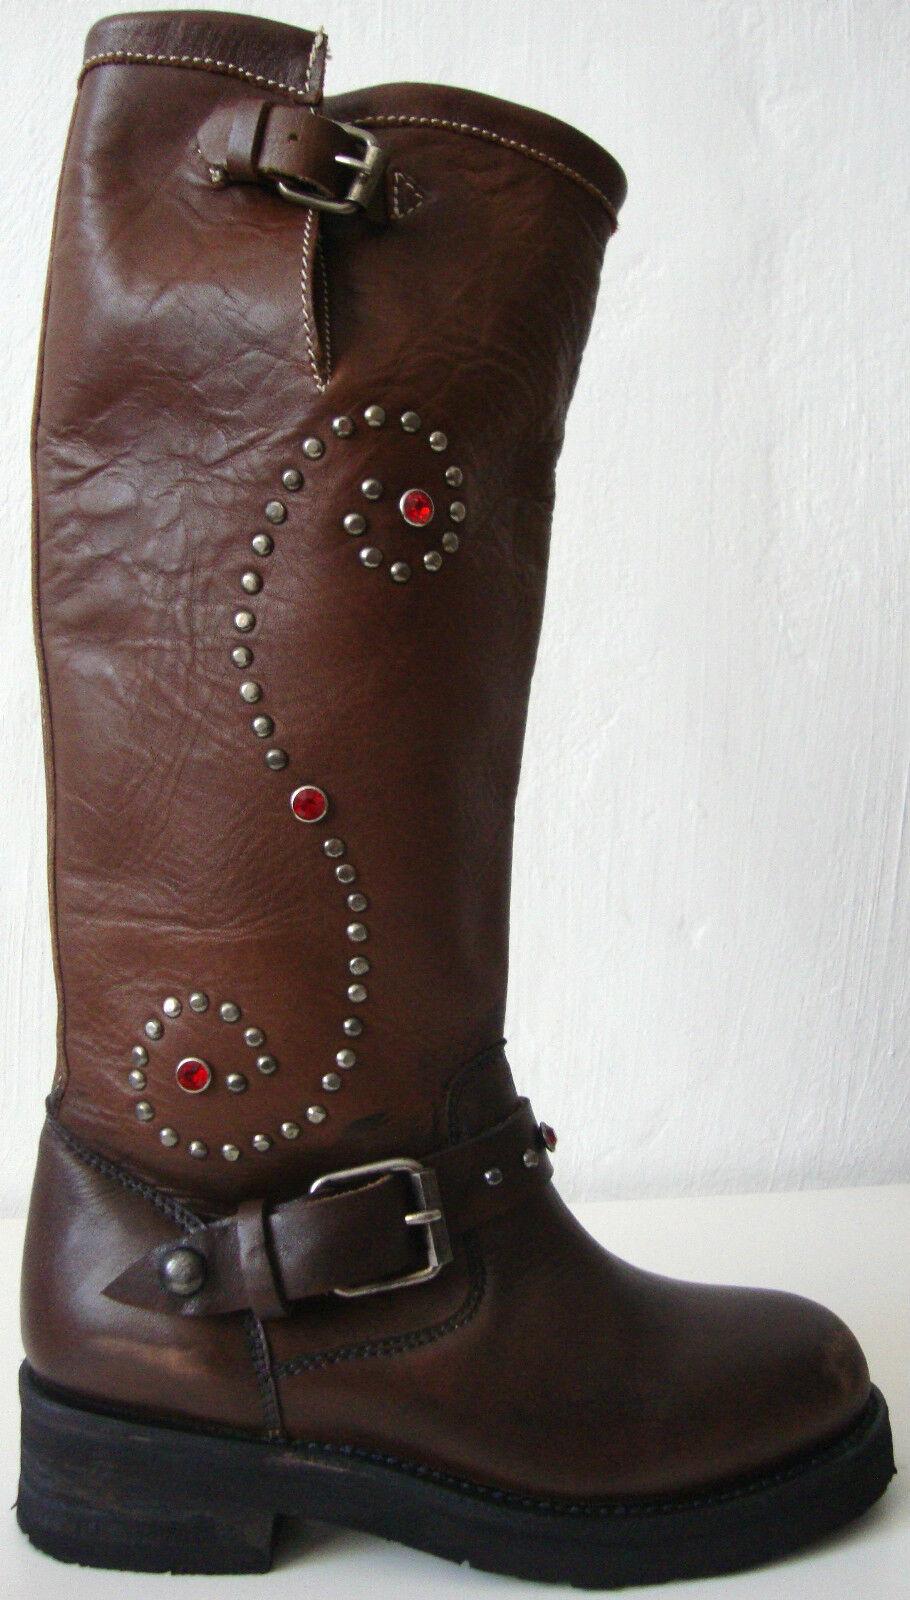 ASH NORTON Stiefel Leder Boots Damenstiefel Nieten Strasssteine Braun Gr.37 NEU